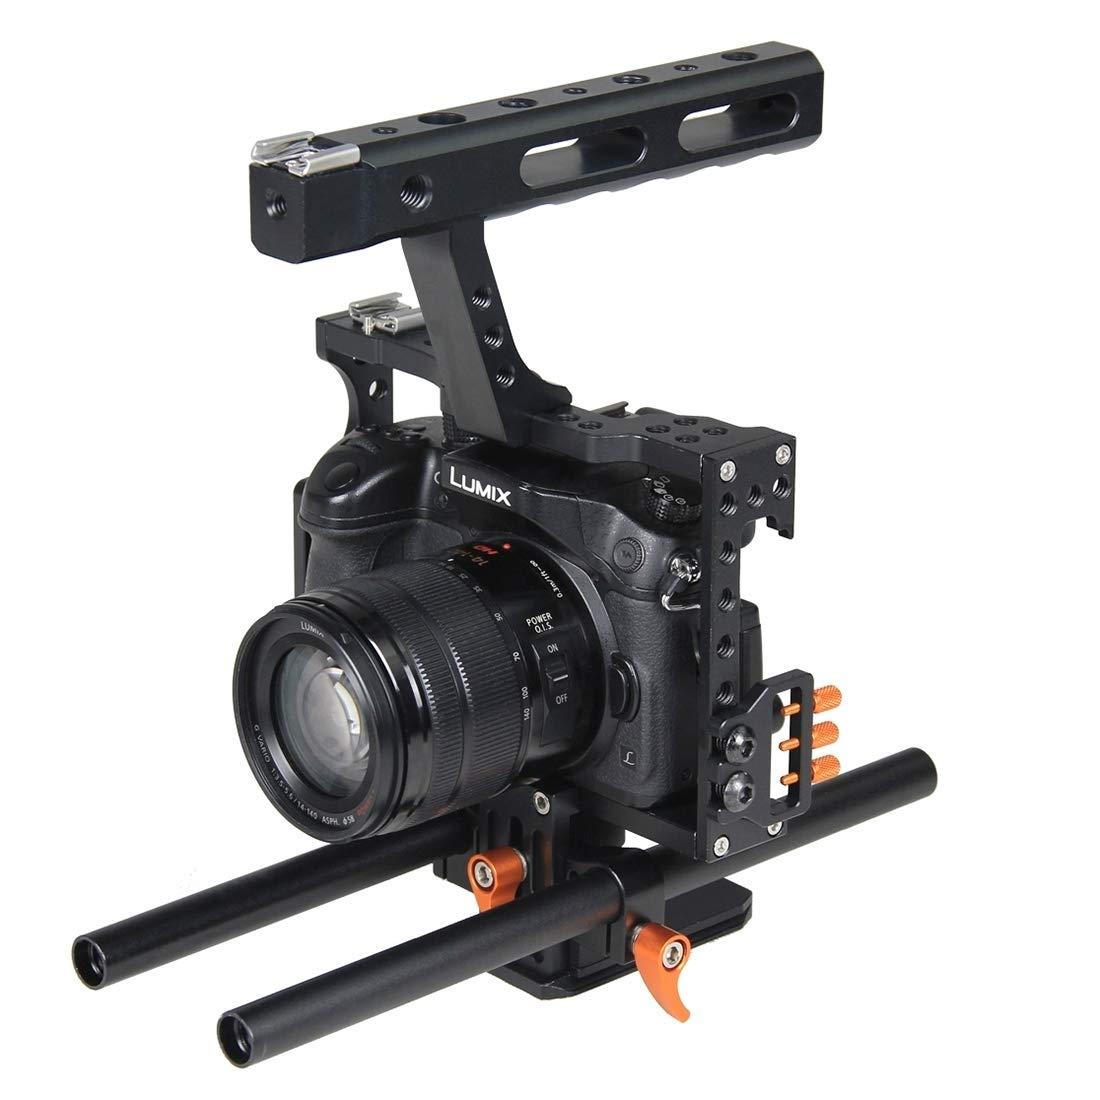 カメラ用 YLG1105Aハンドルビデオカメラケージスタビライザー対応パナソニックルミックスDMC-GH4 /ソニーA7&A7S&A7R&A7RII&A7SII カメラアクセサリー (Color : オレンジ)   B07Q1H7TYV